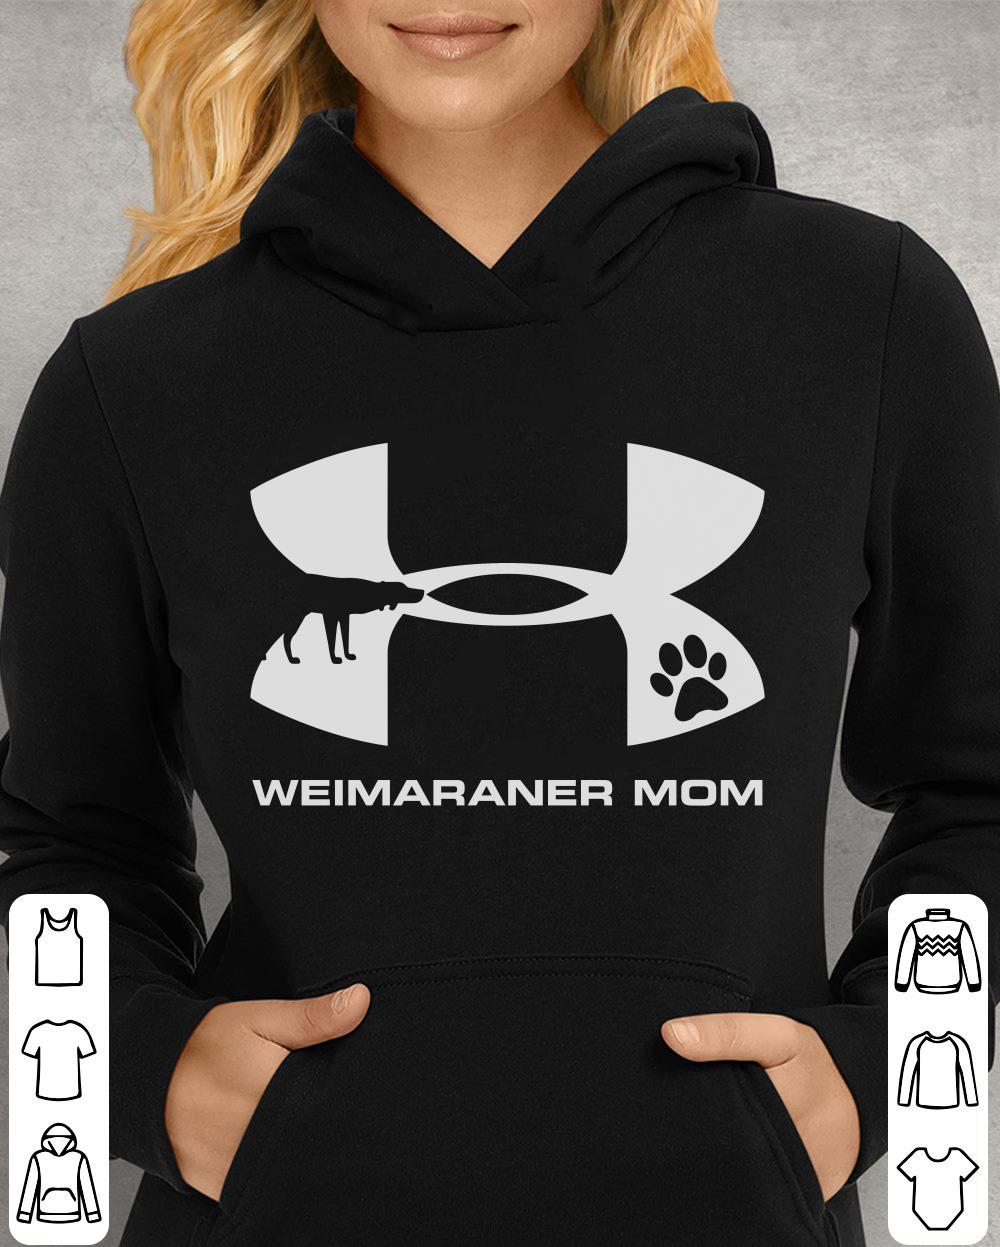 https://unicornshirts.net/images/2018/12/Under-Armour-Weimaraner-Mom-Shirt_4.jpg